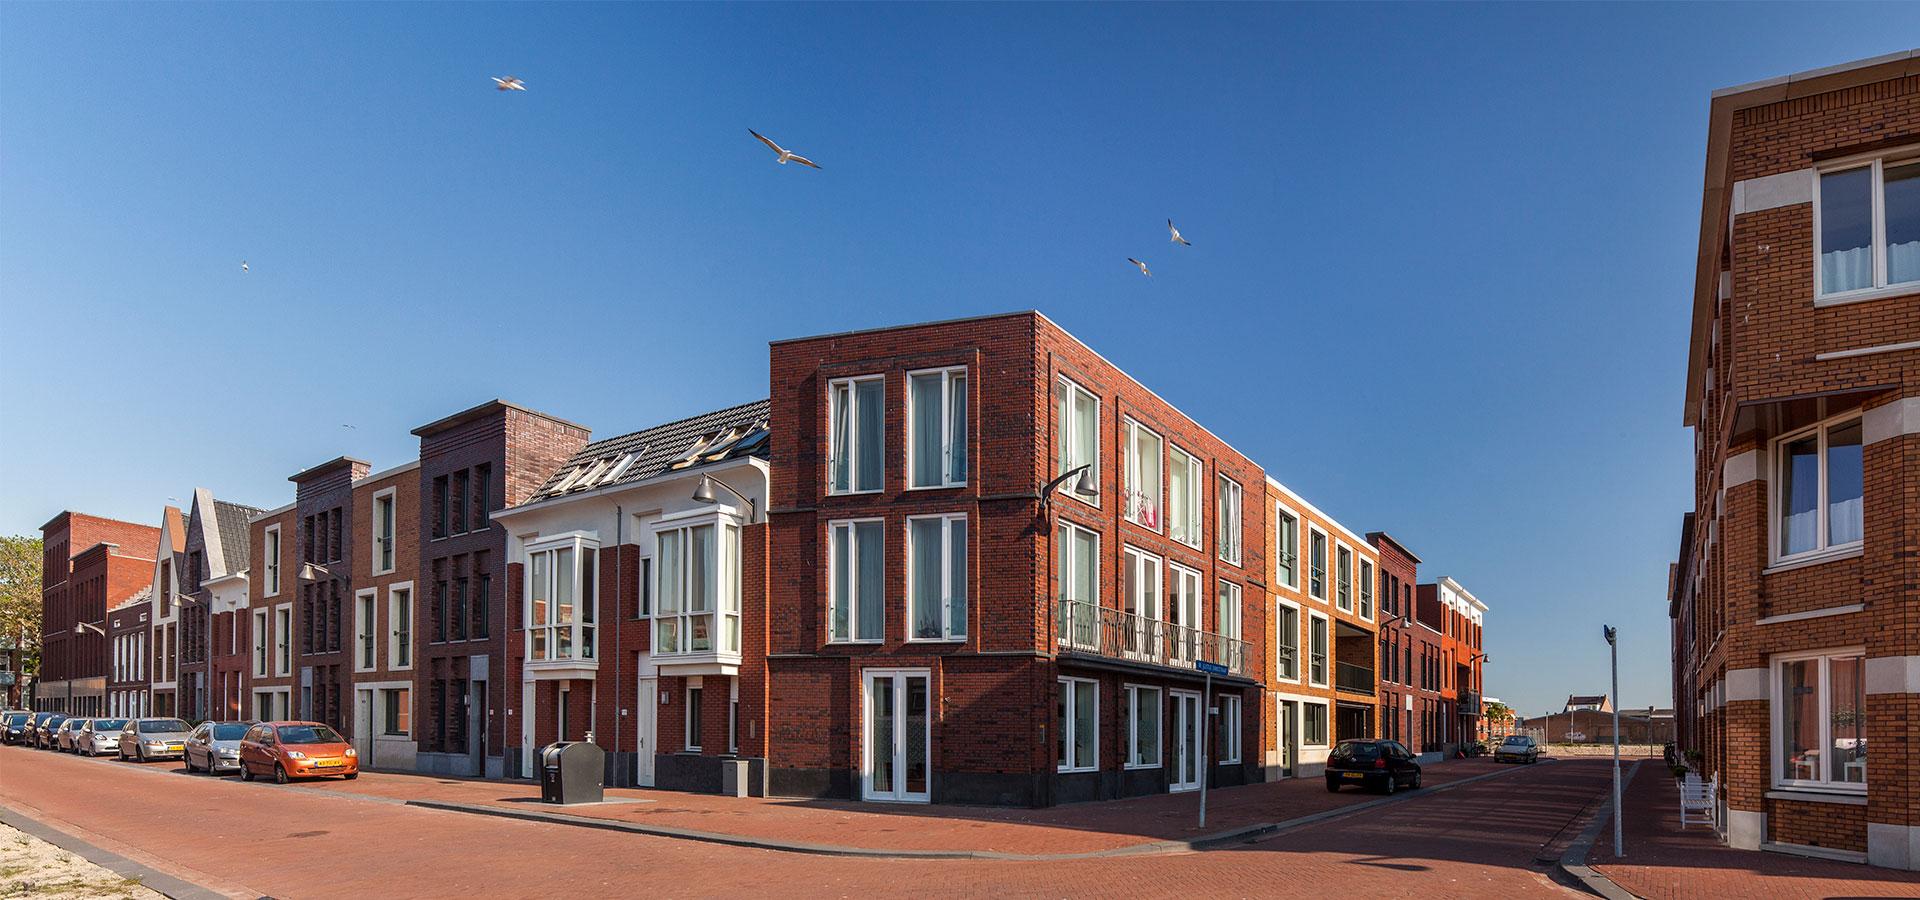 FARO architecten herstructurering Oud IJmuiden 01